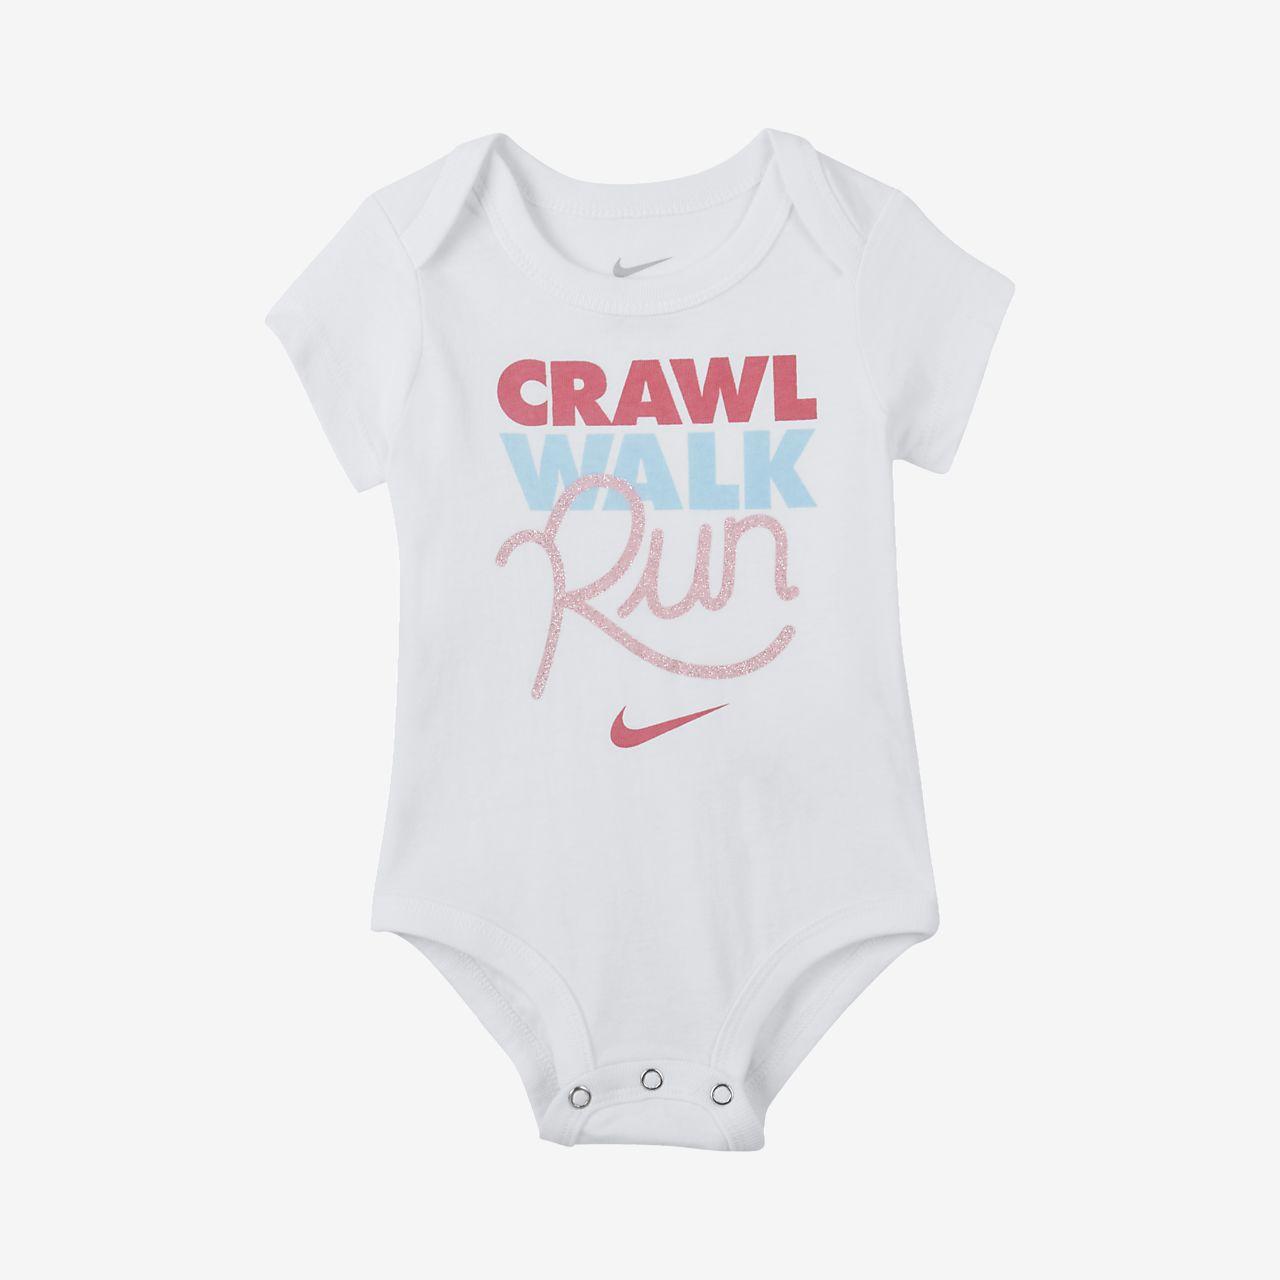 d029060e5616b Body Nike pour Bébé (0 - 9 mois). Nike.com FR